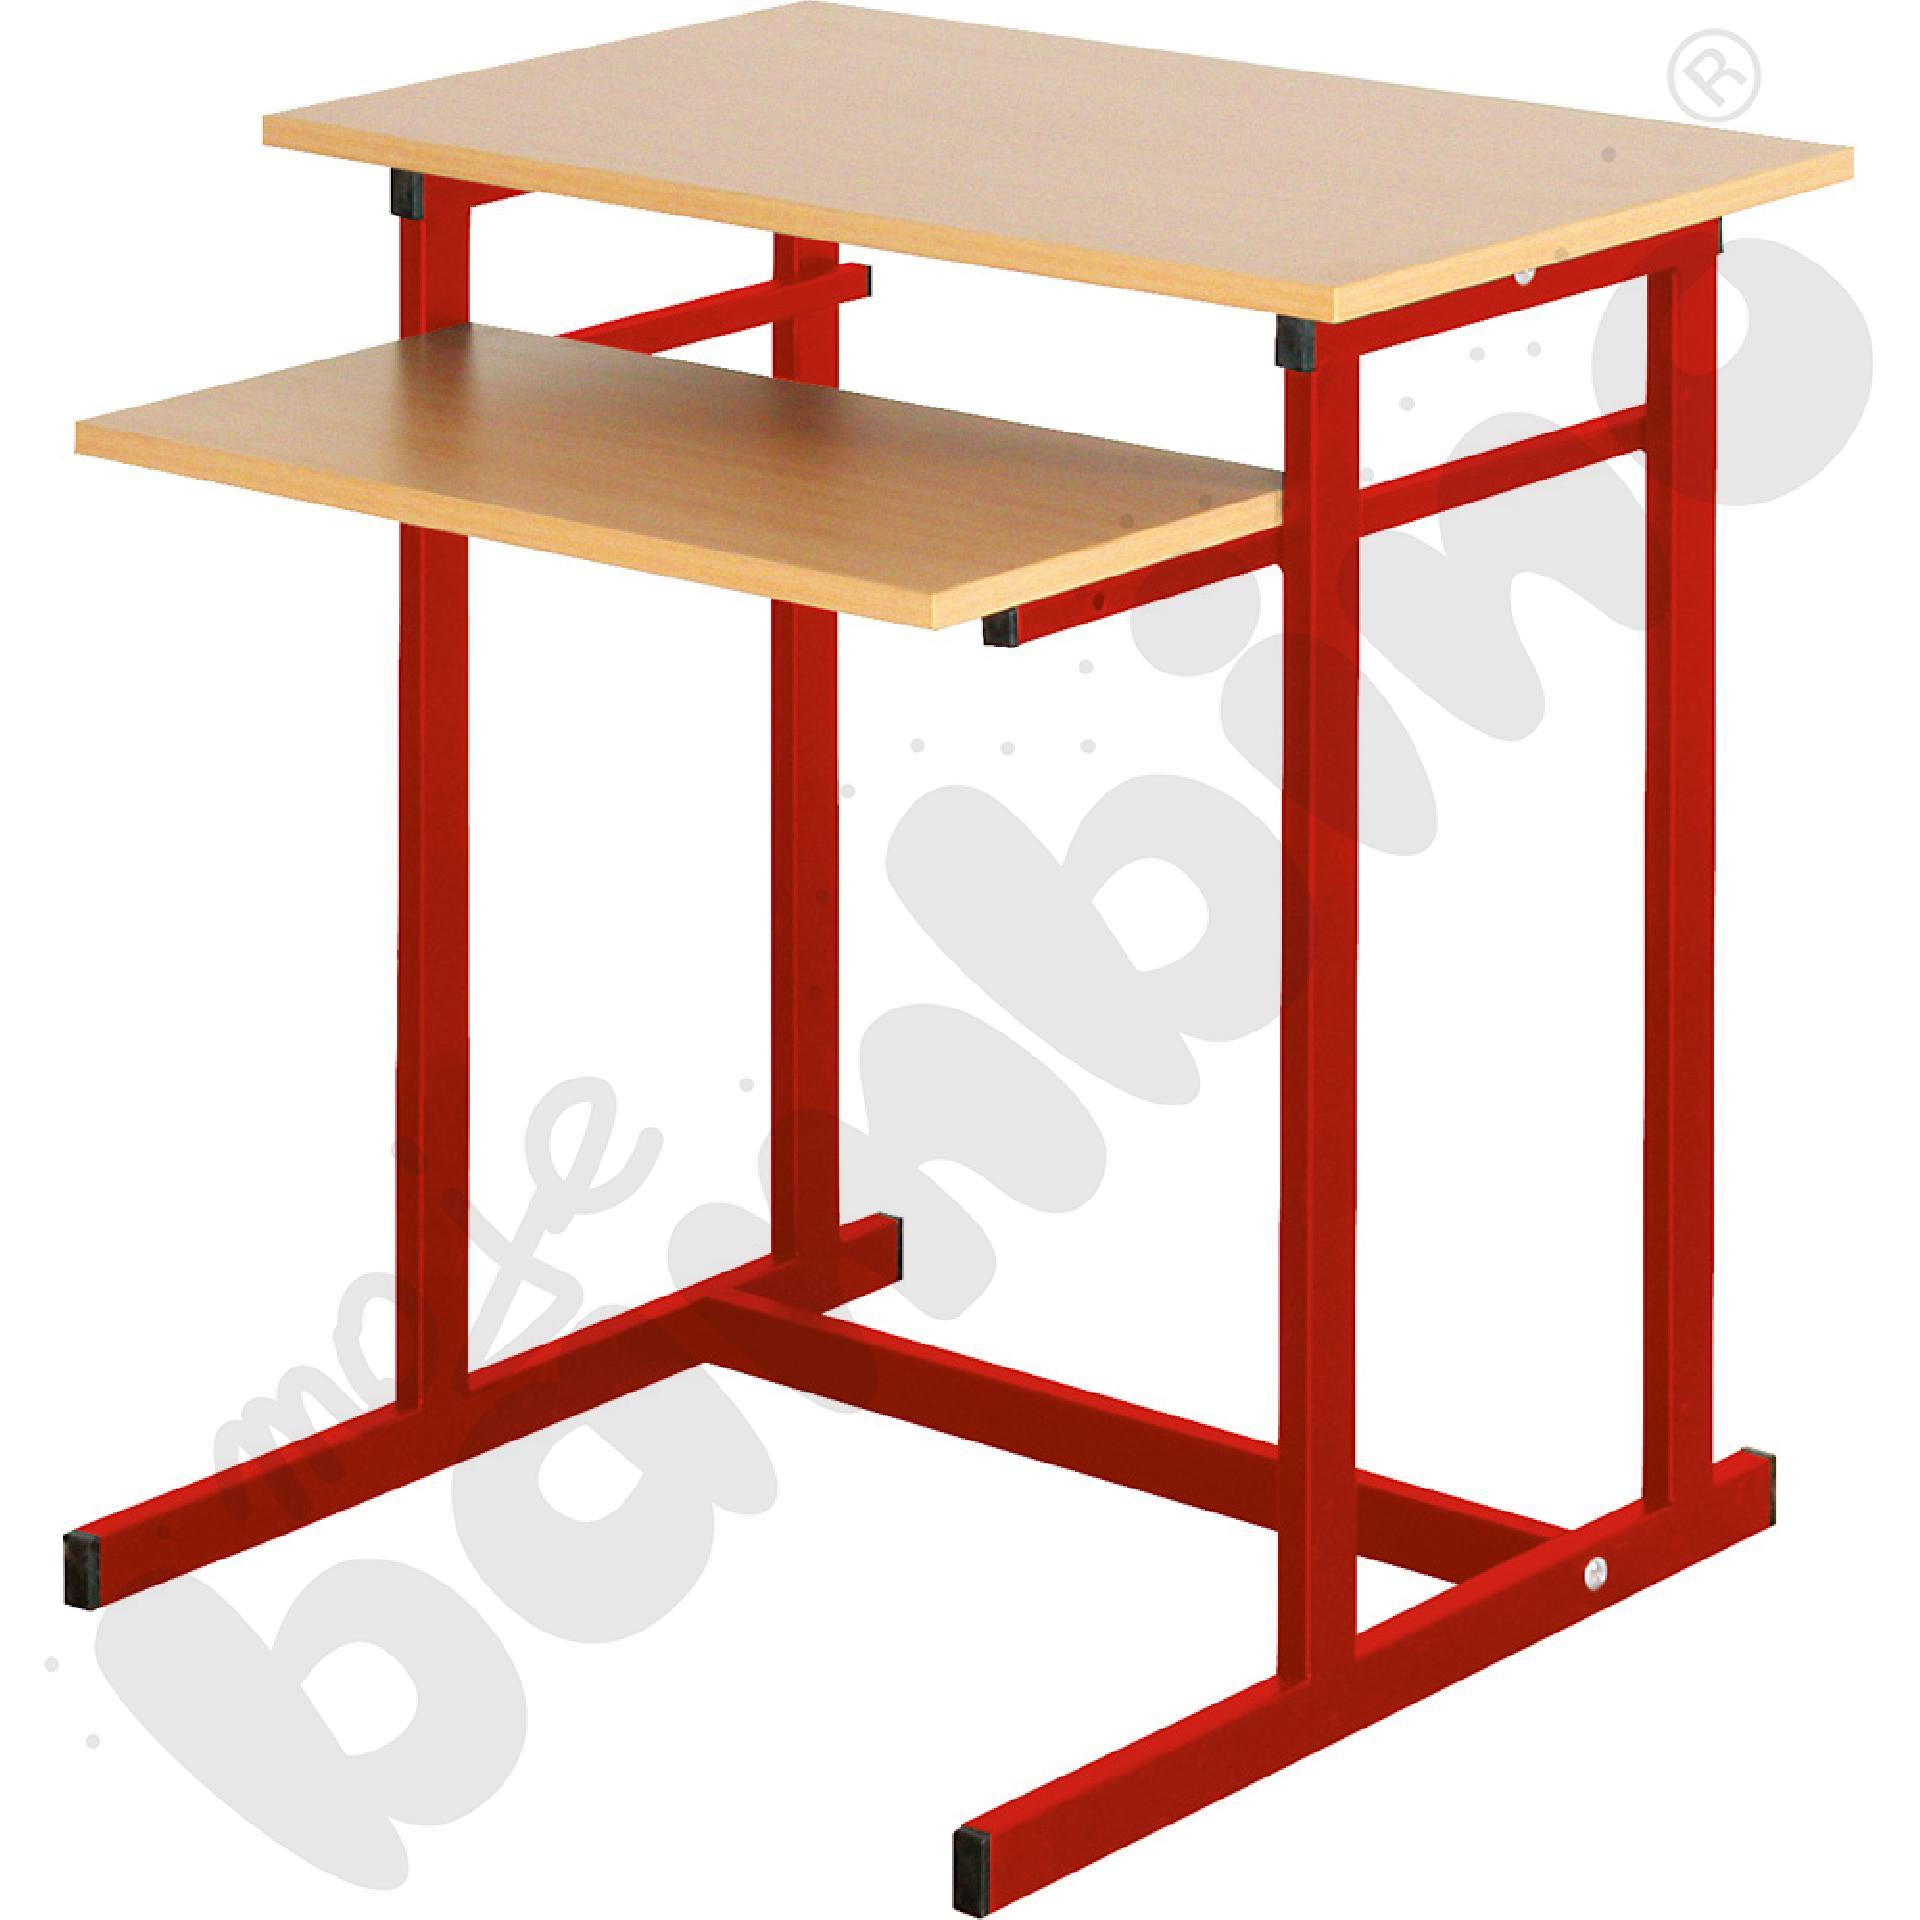 Stolik komputerowy NEO 1, 1-os. ze stałą półką na klawiaturę rozm. 6 - czerwony